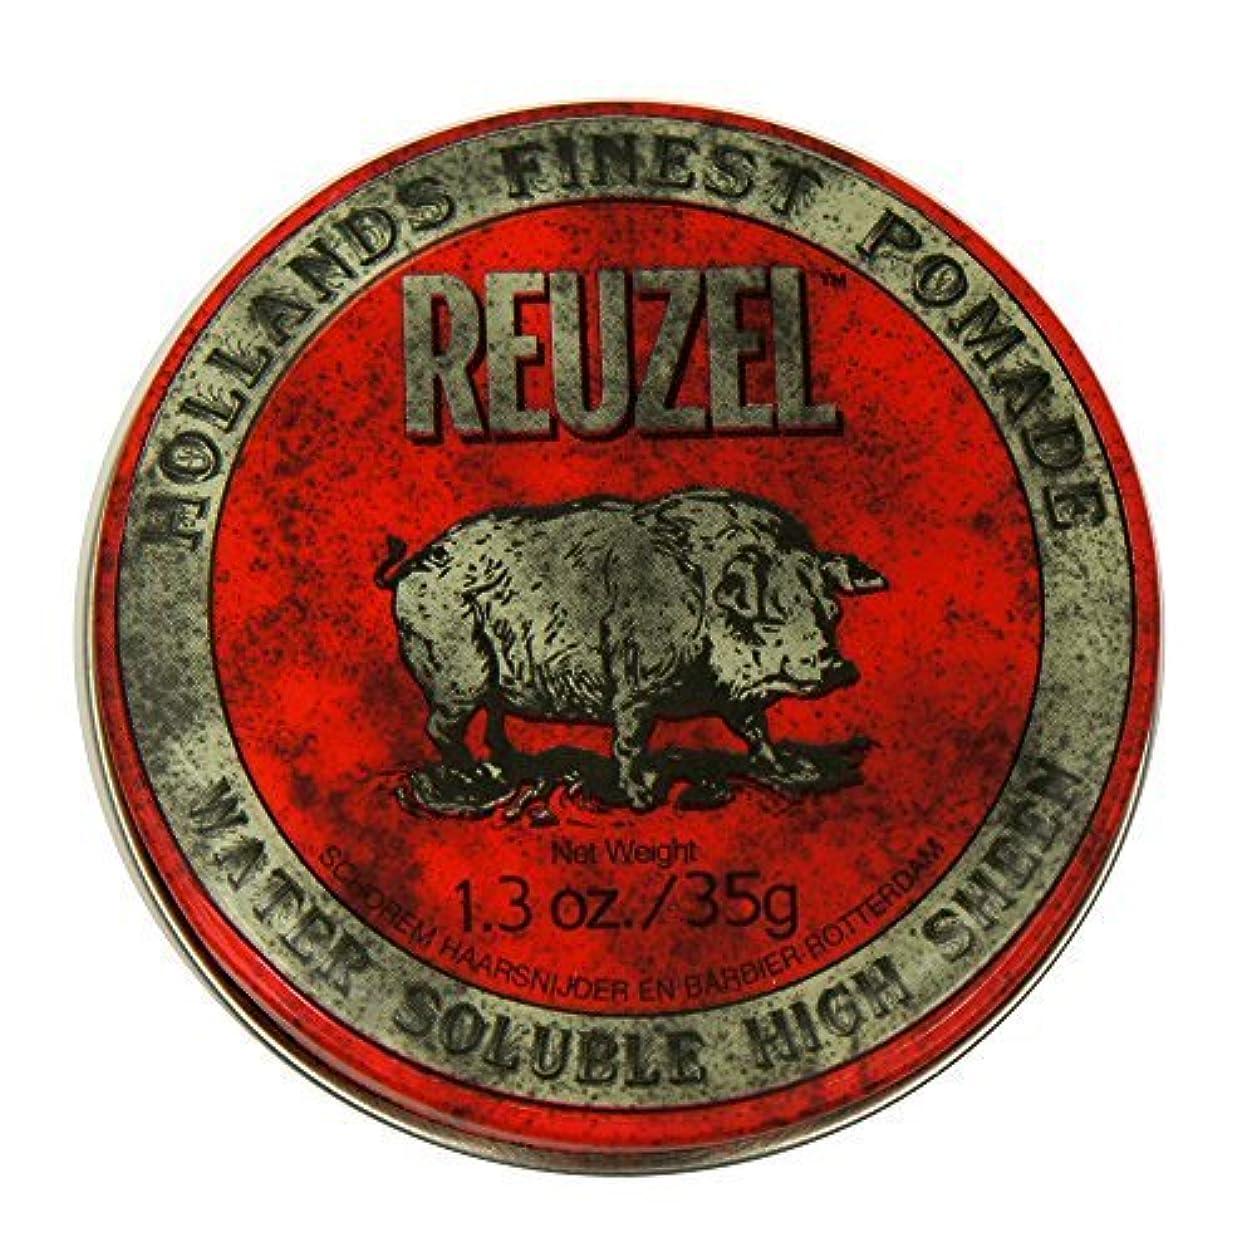 内訳忘れられないストレッチReuzel Red Hair Pomade Piglet 1.3oz [並行輸入品]